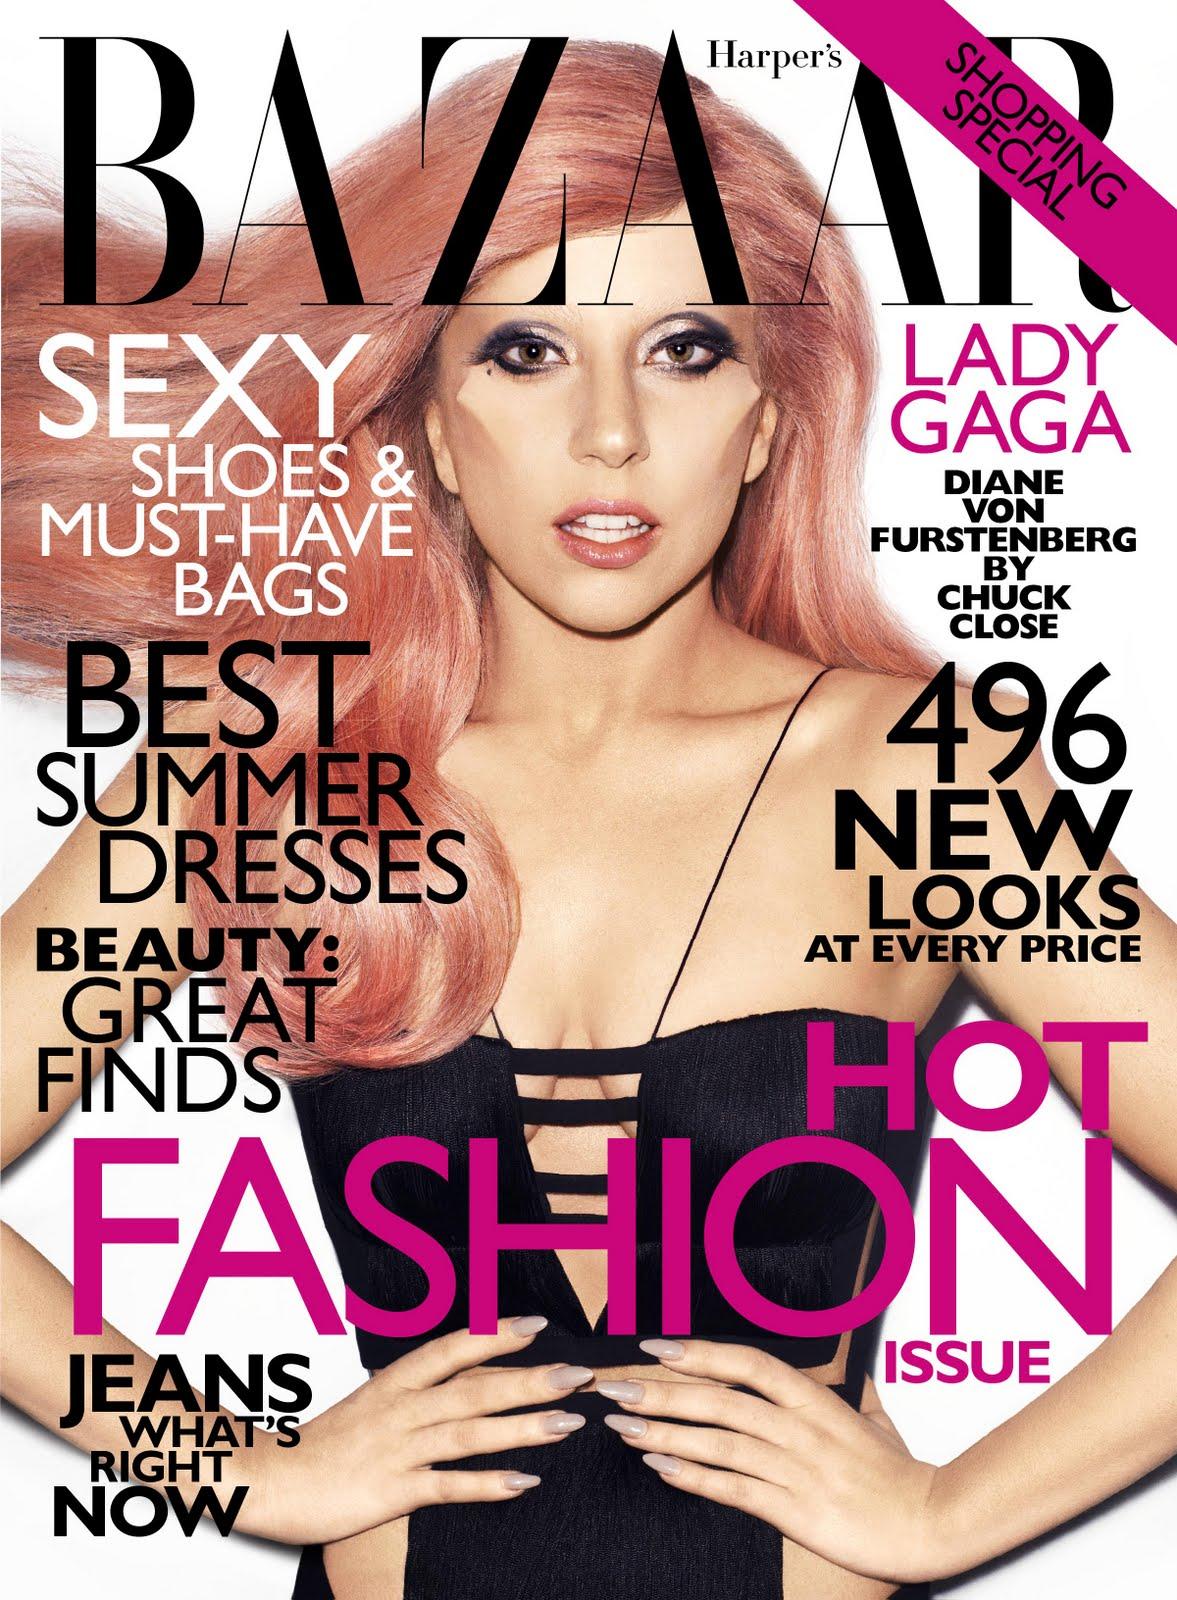 http://1.bp.blogspot.com/-kDkbSDqf_2o/UBVvy8yi1SI/AAAAAAAAAa0/oe_7Y4xz4aY/s1600/Lady+Gaga+Phenomenon-top-celebrity2011.blogspot.com-HBZ+May+2011+Lady+Gaga+NS+cover+lo.jpg